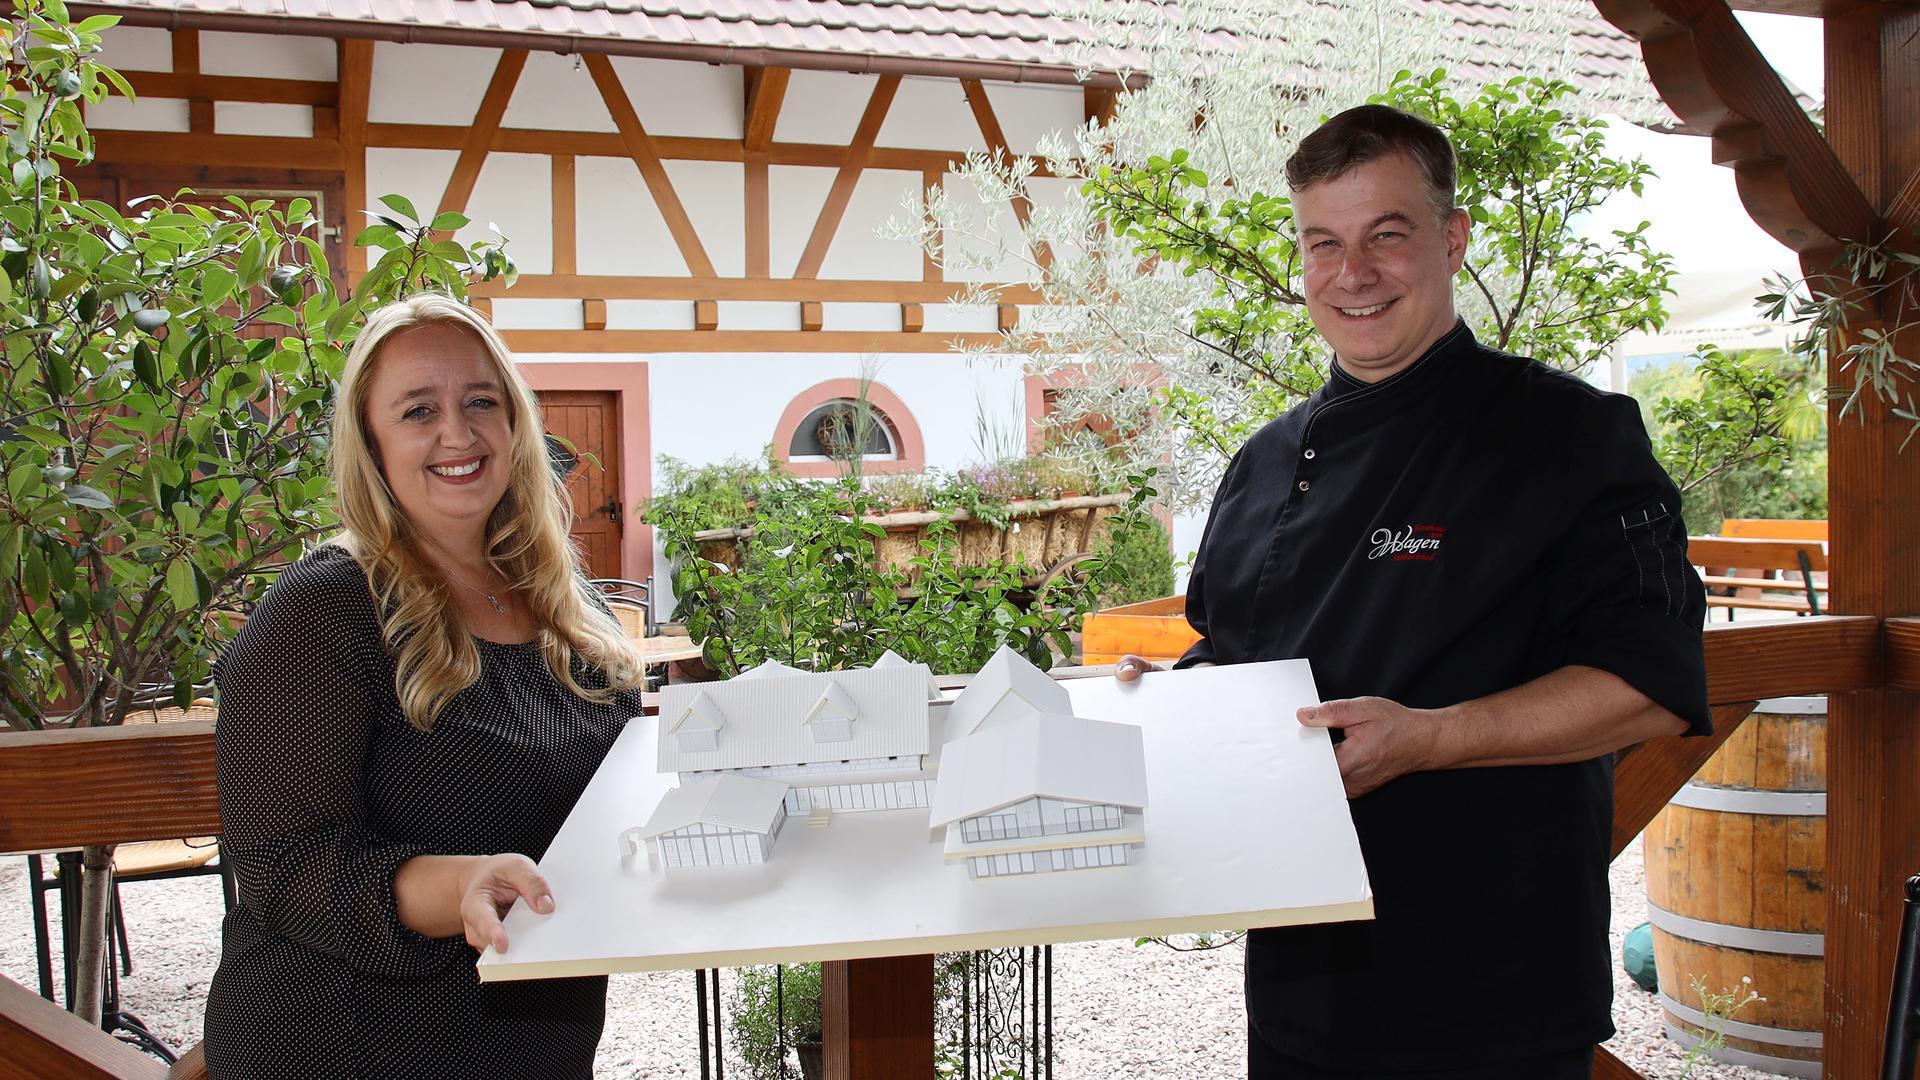 Gasthaus Wagen in Sasbachried baut für 1,4 Millionen Euro ein Landhotel und bekommt dafür 225.000 Euro ELR-Förderung vom Land Baden-Württemberg und schafft neue Arbeitsplätze